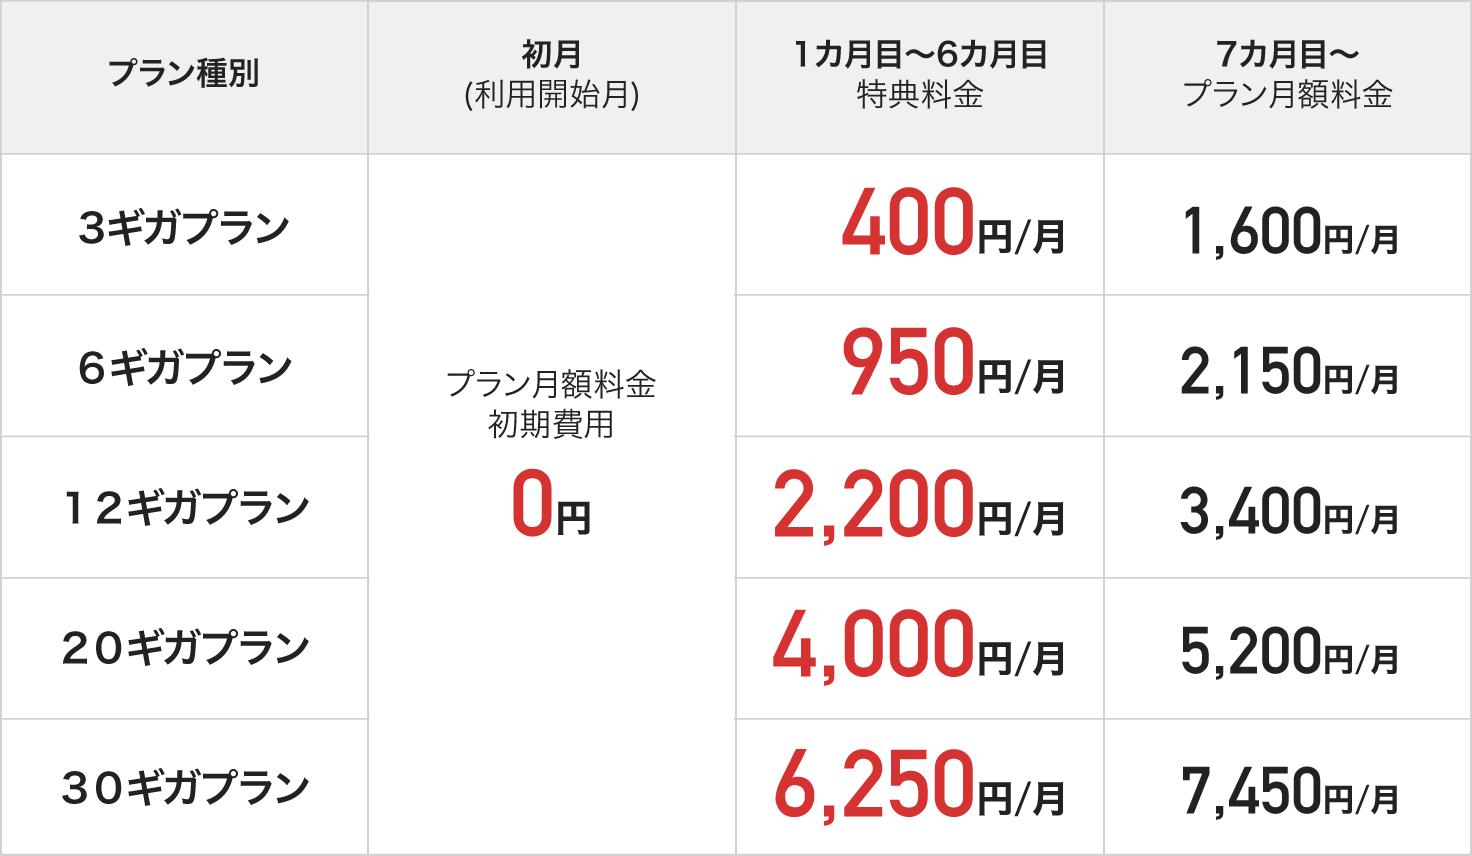 特典適用後の月額料金表(セレクトプラン)